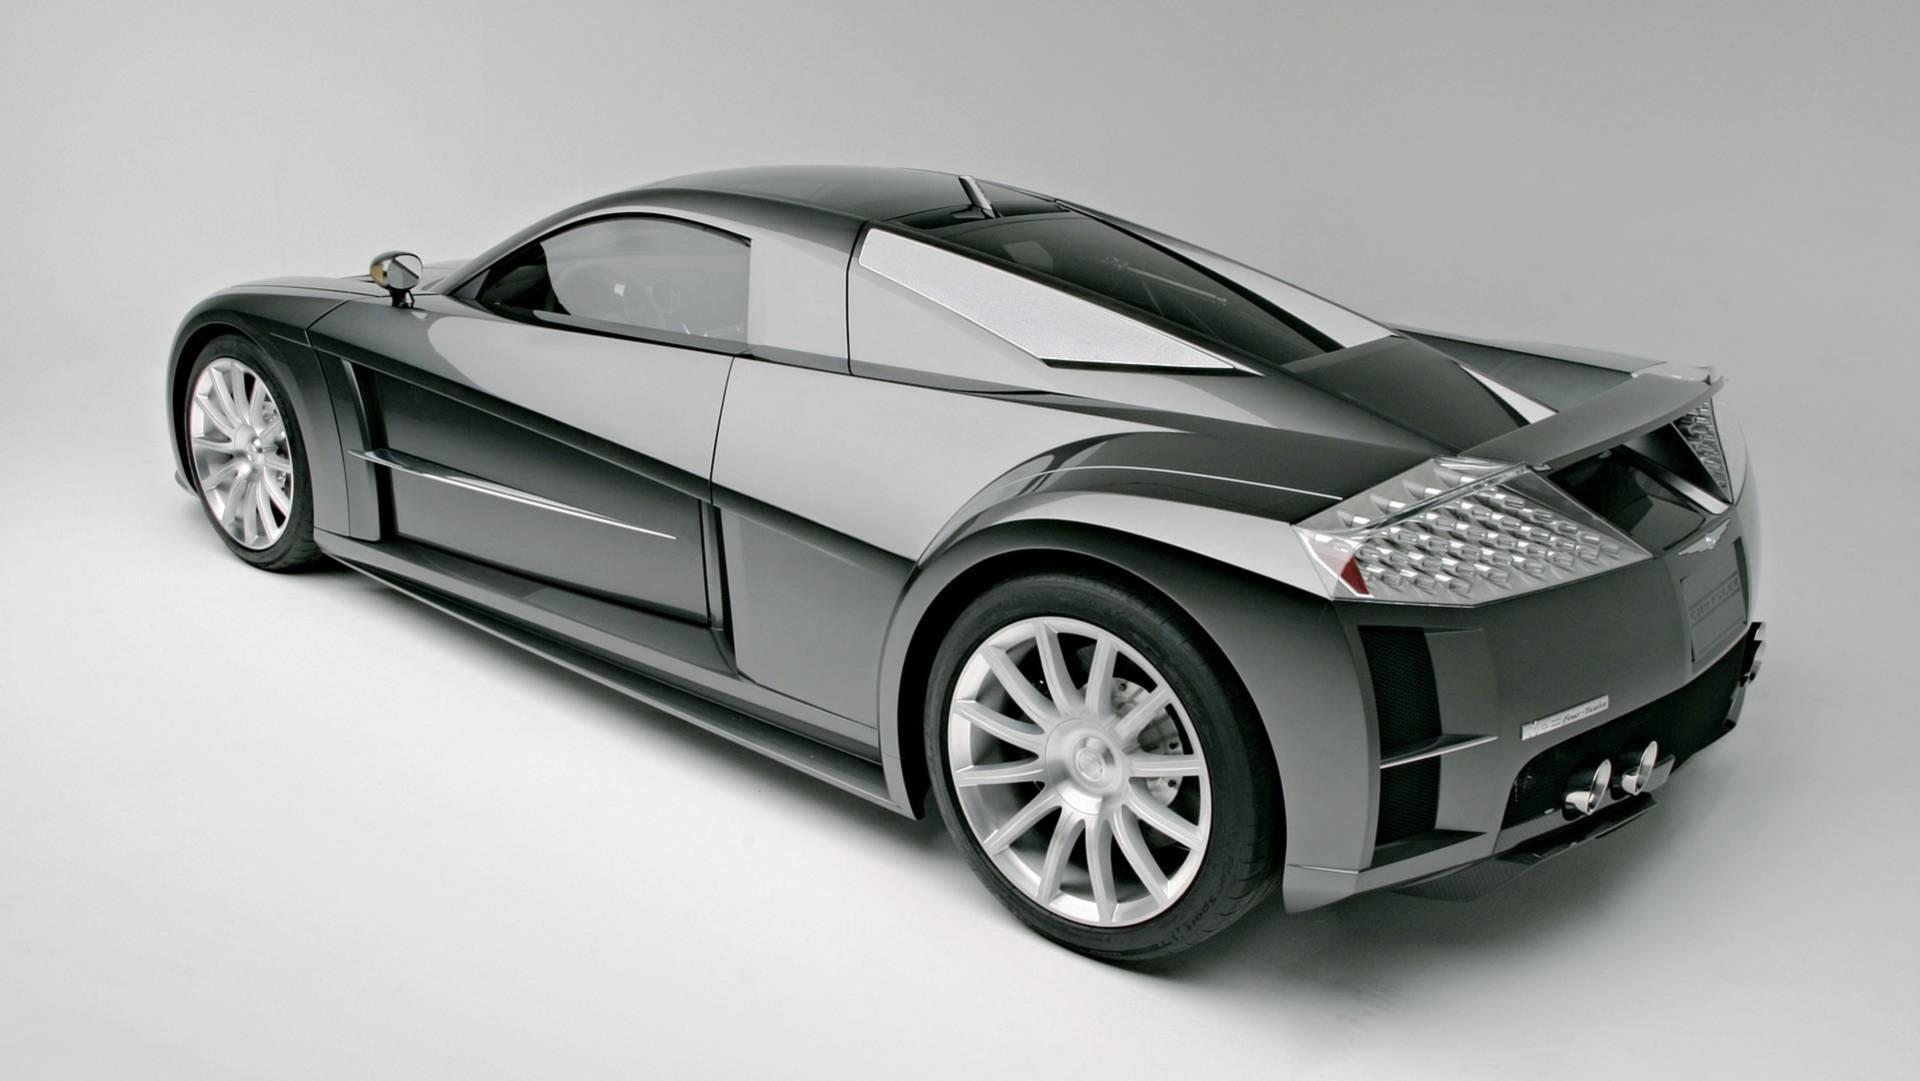 Nếu được sản xuất thương mại,giá mỗi chiếc ME Four-Twelve sẽ nằm trong khoảng từ 250.000 USD đến 750.000 USD.